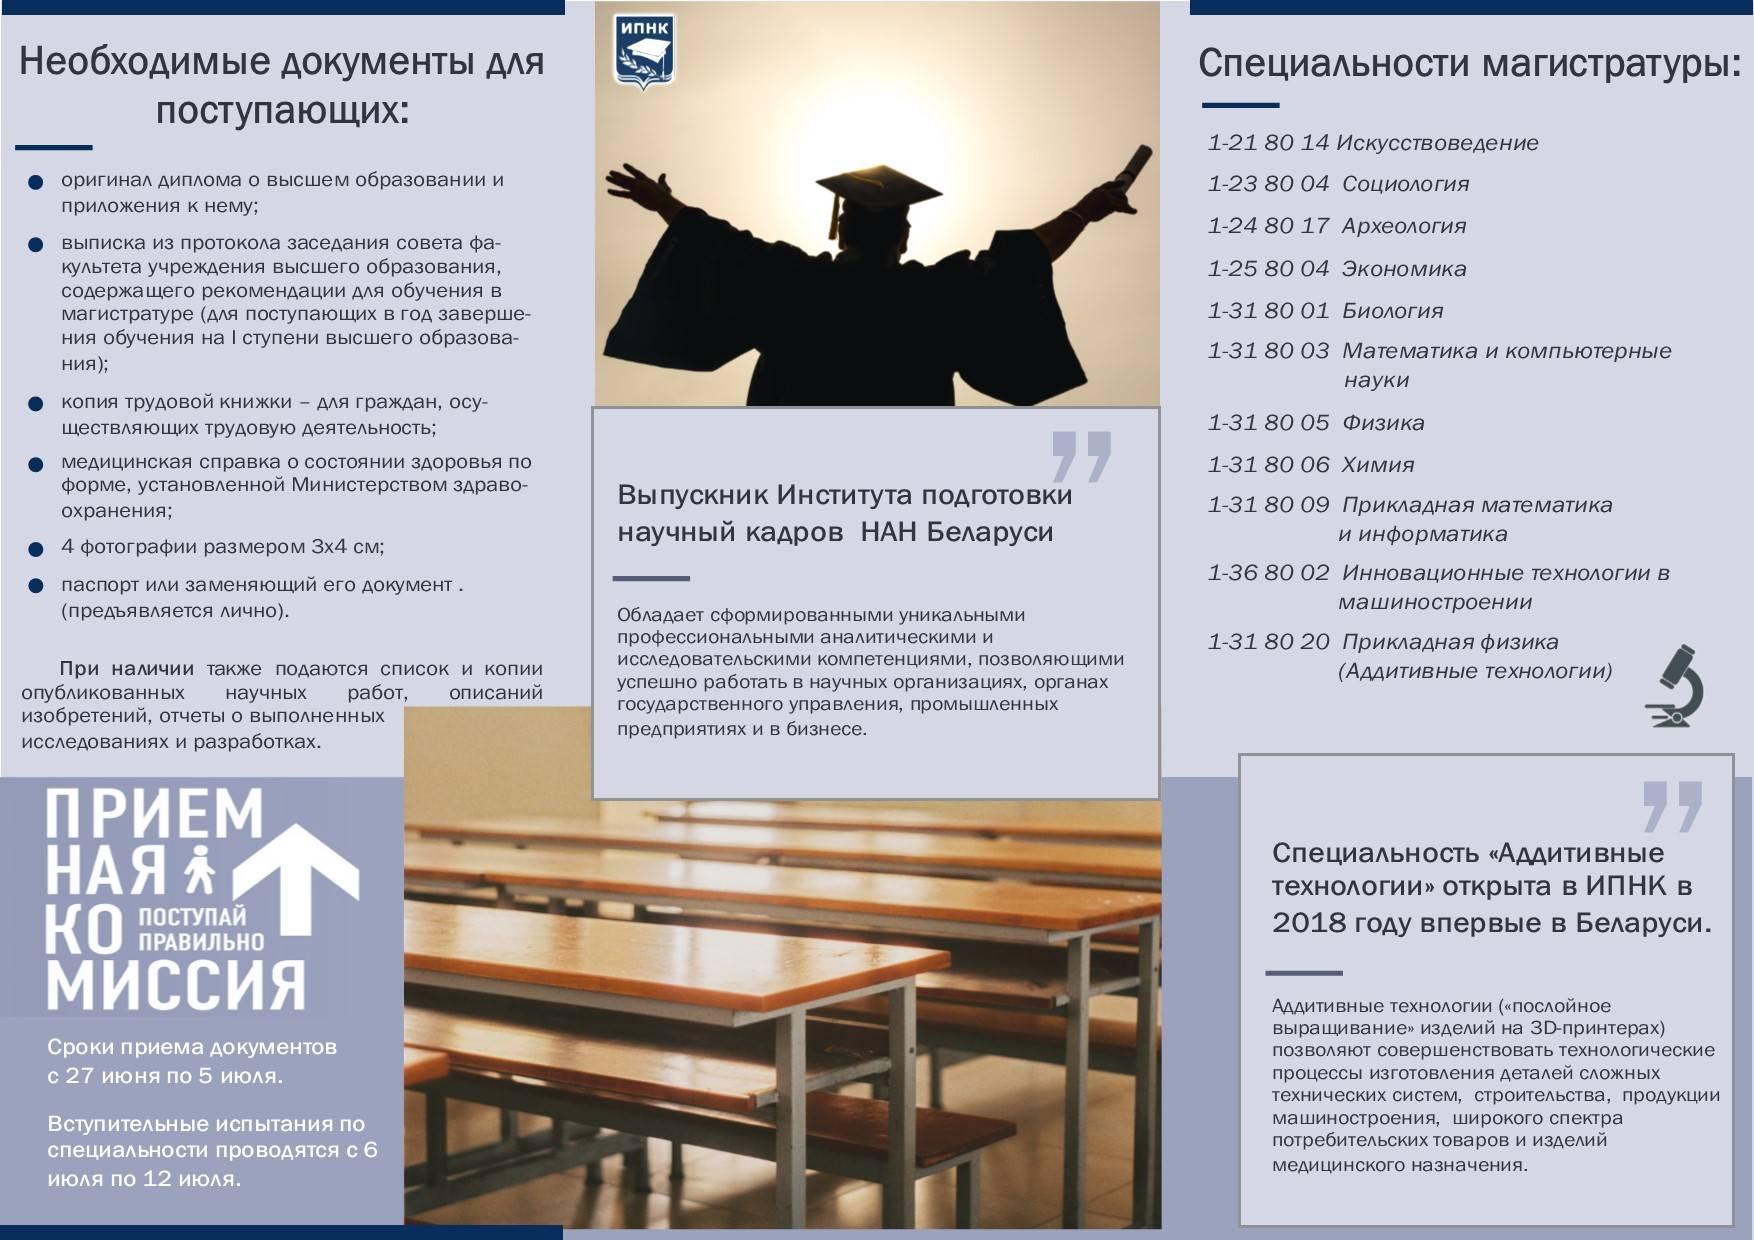 Обучение в финляндии для русских: вузы и факультеты